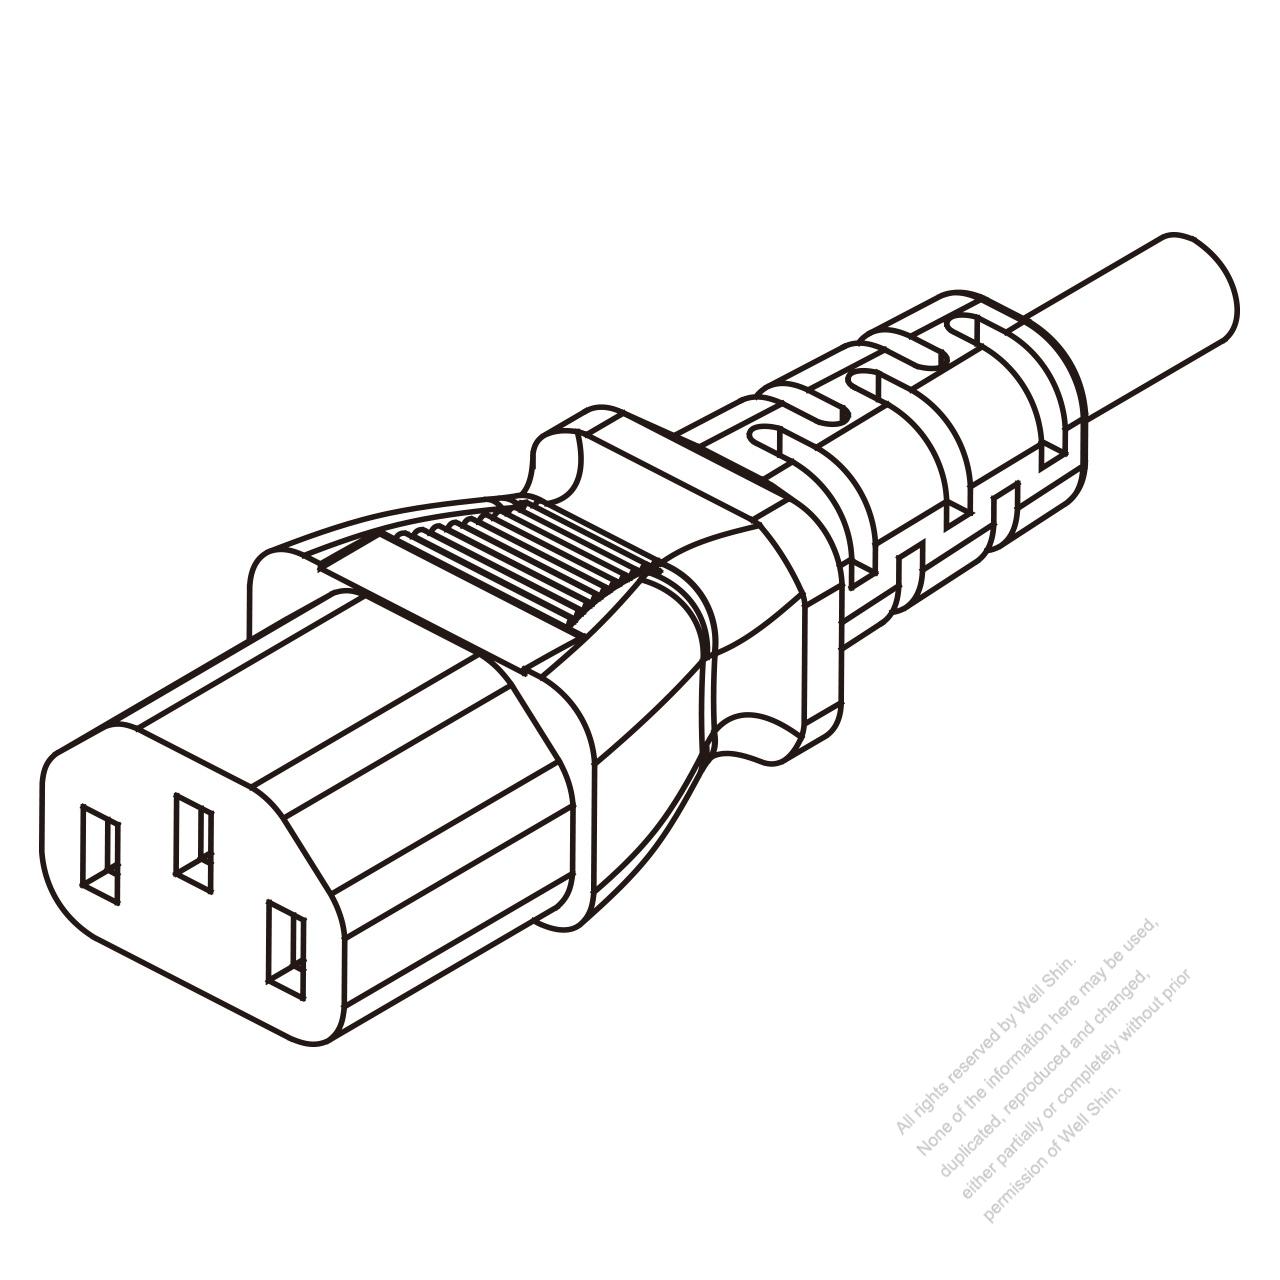 uk iec 320 c13 connectors 3-pin straight 10a 250v